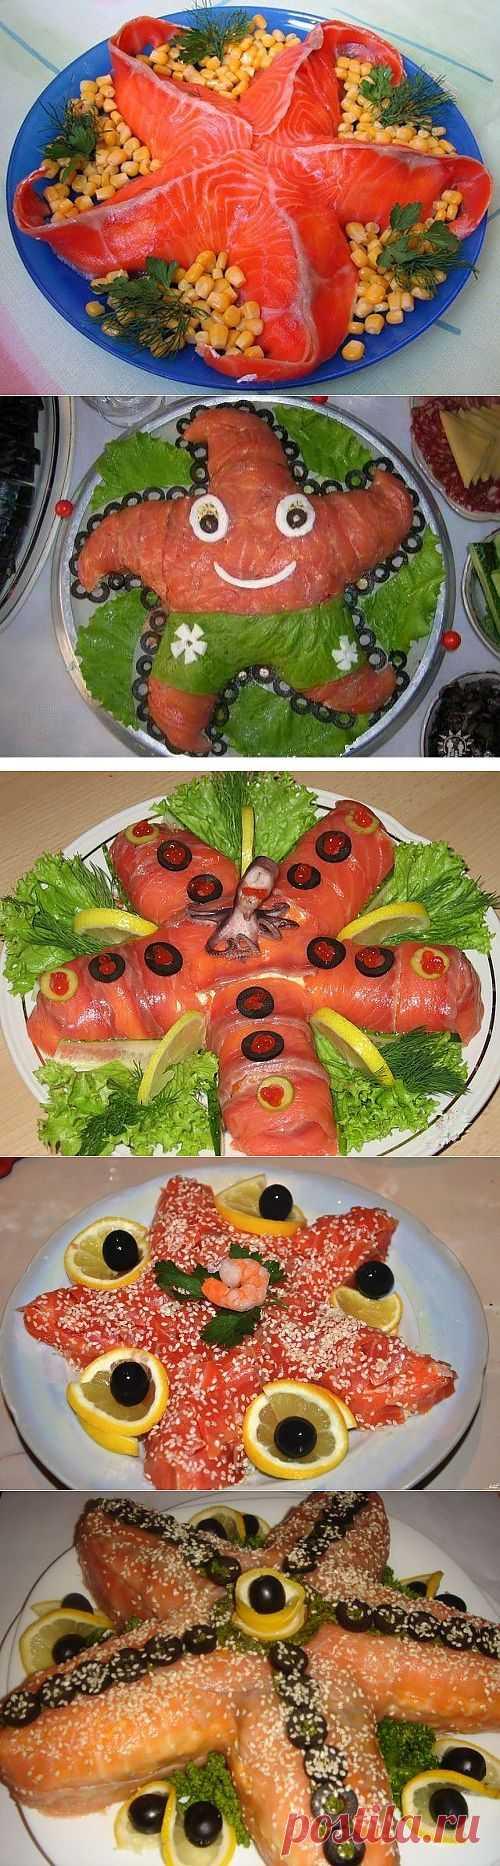 6 праздничных салатов с красной рыбой: собираем и оформляем морскую звезду / Простые рецепты